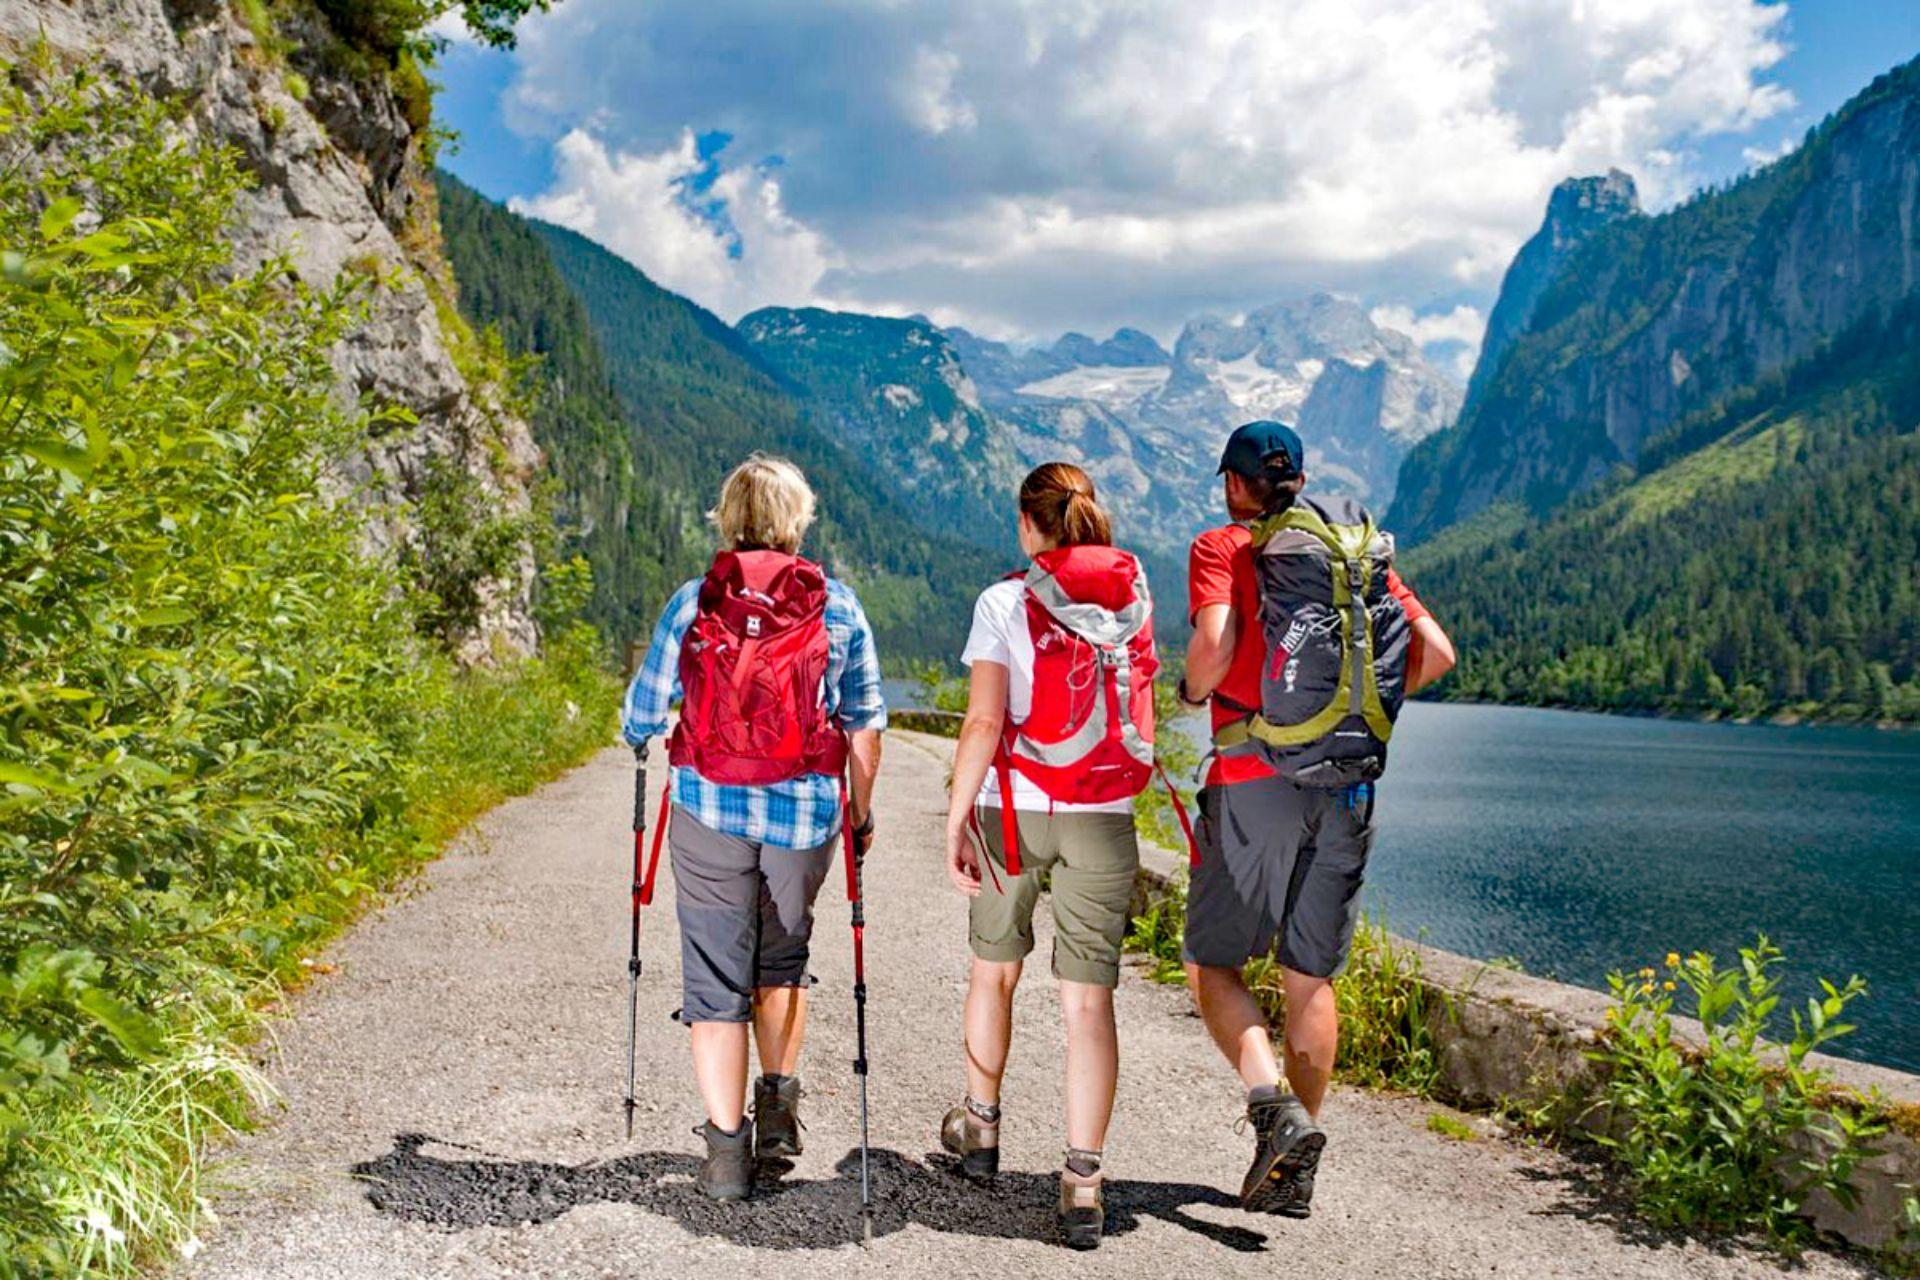 ヨーロッパハイキングツアー